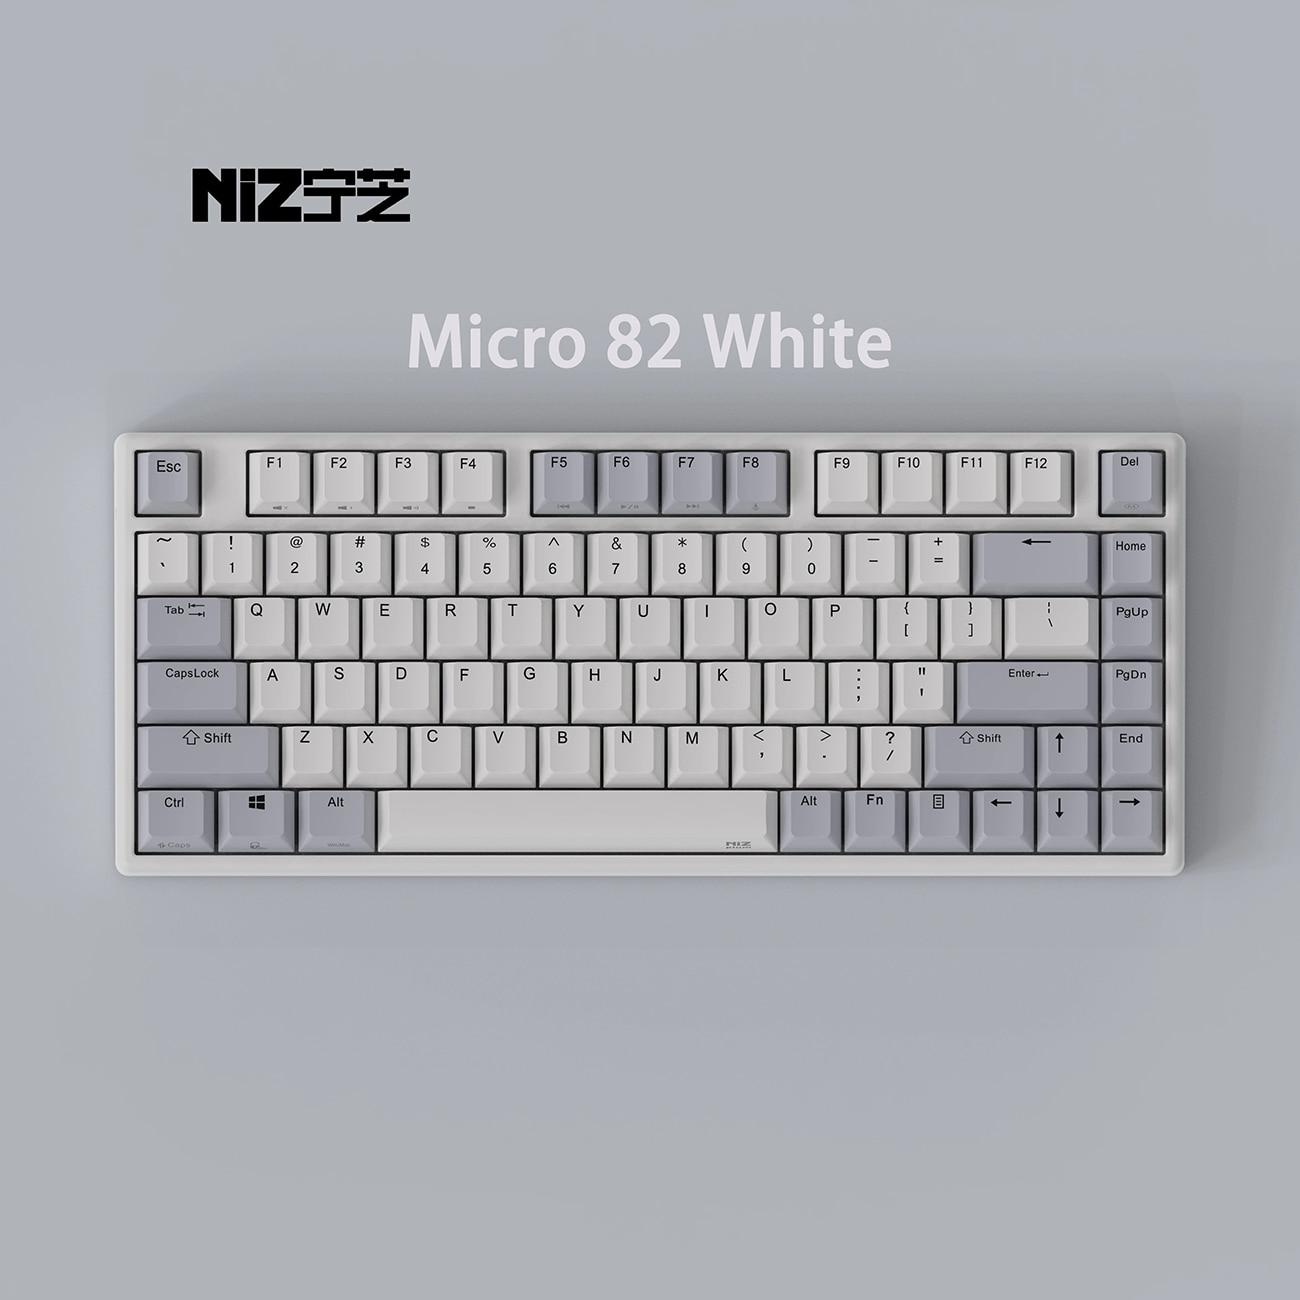 لوحة مفاتيح NIZ Micro 82 رمادي أبيض كهربائي بالسعة EC مناسبة للمكتب ولعب الألعاب